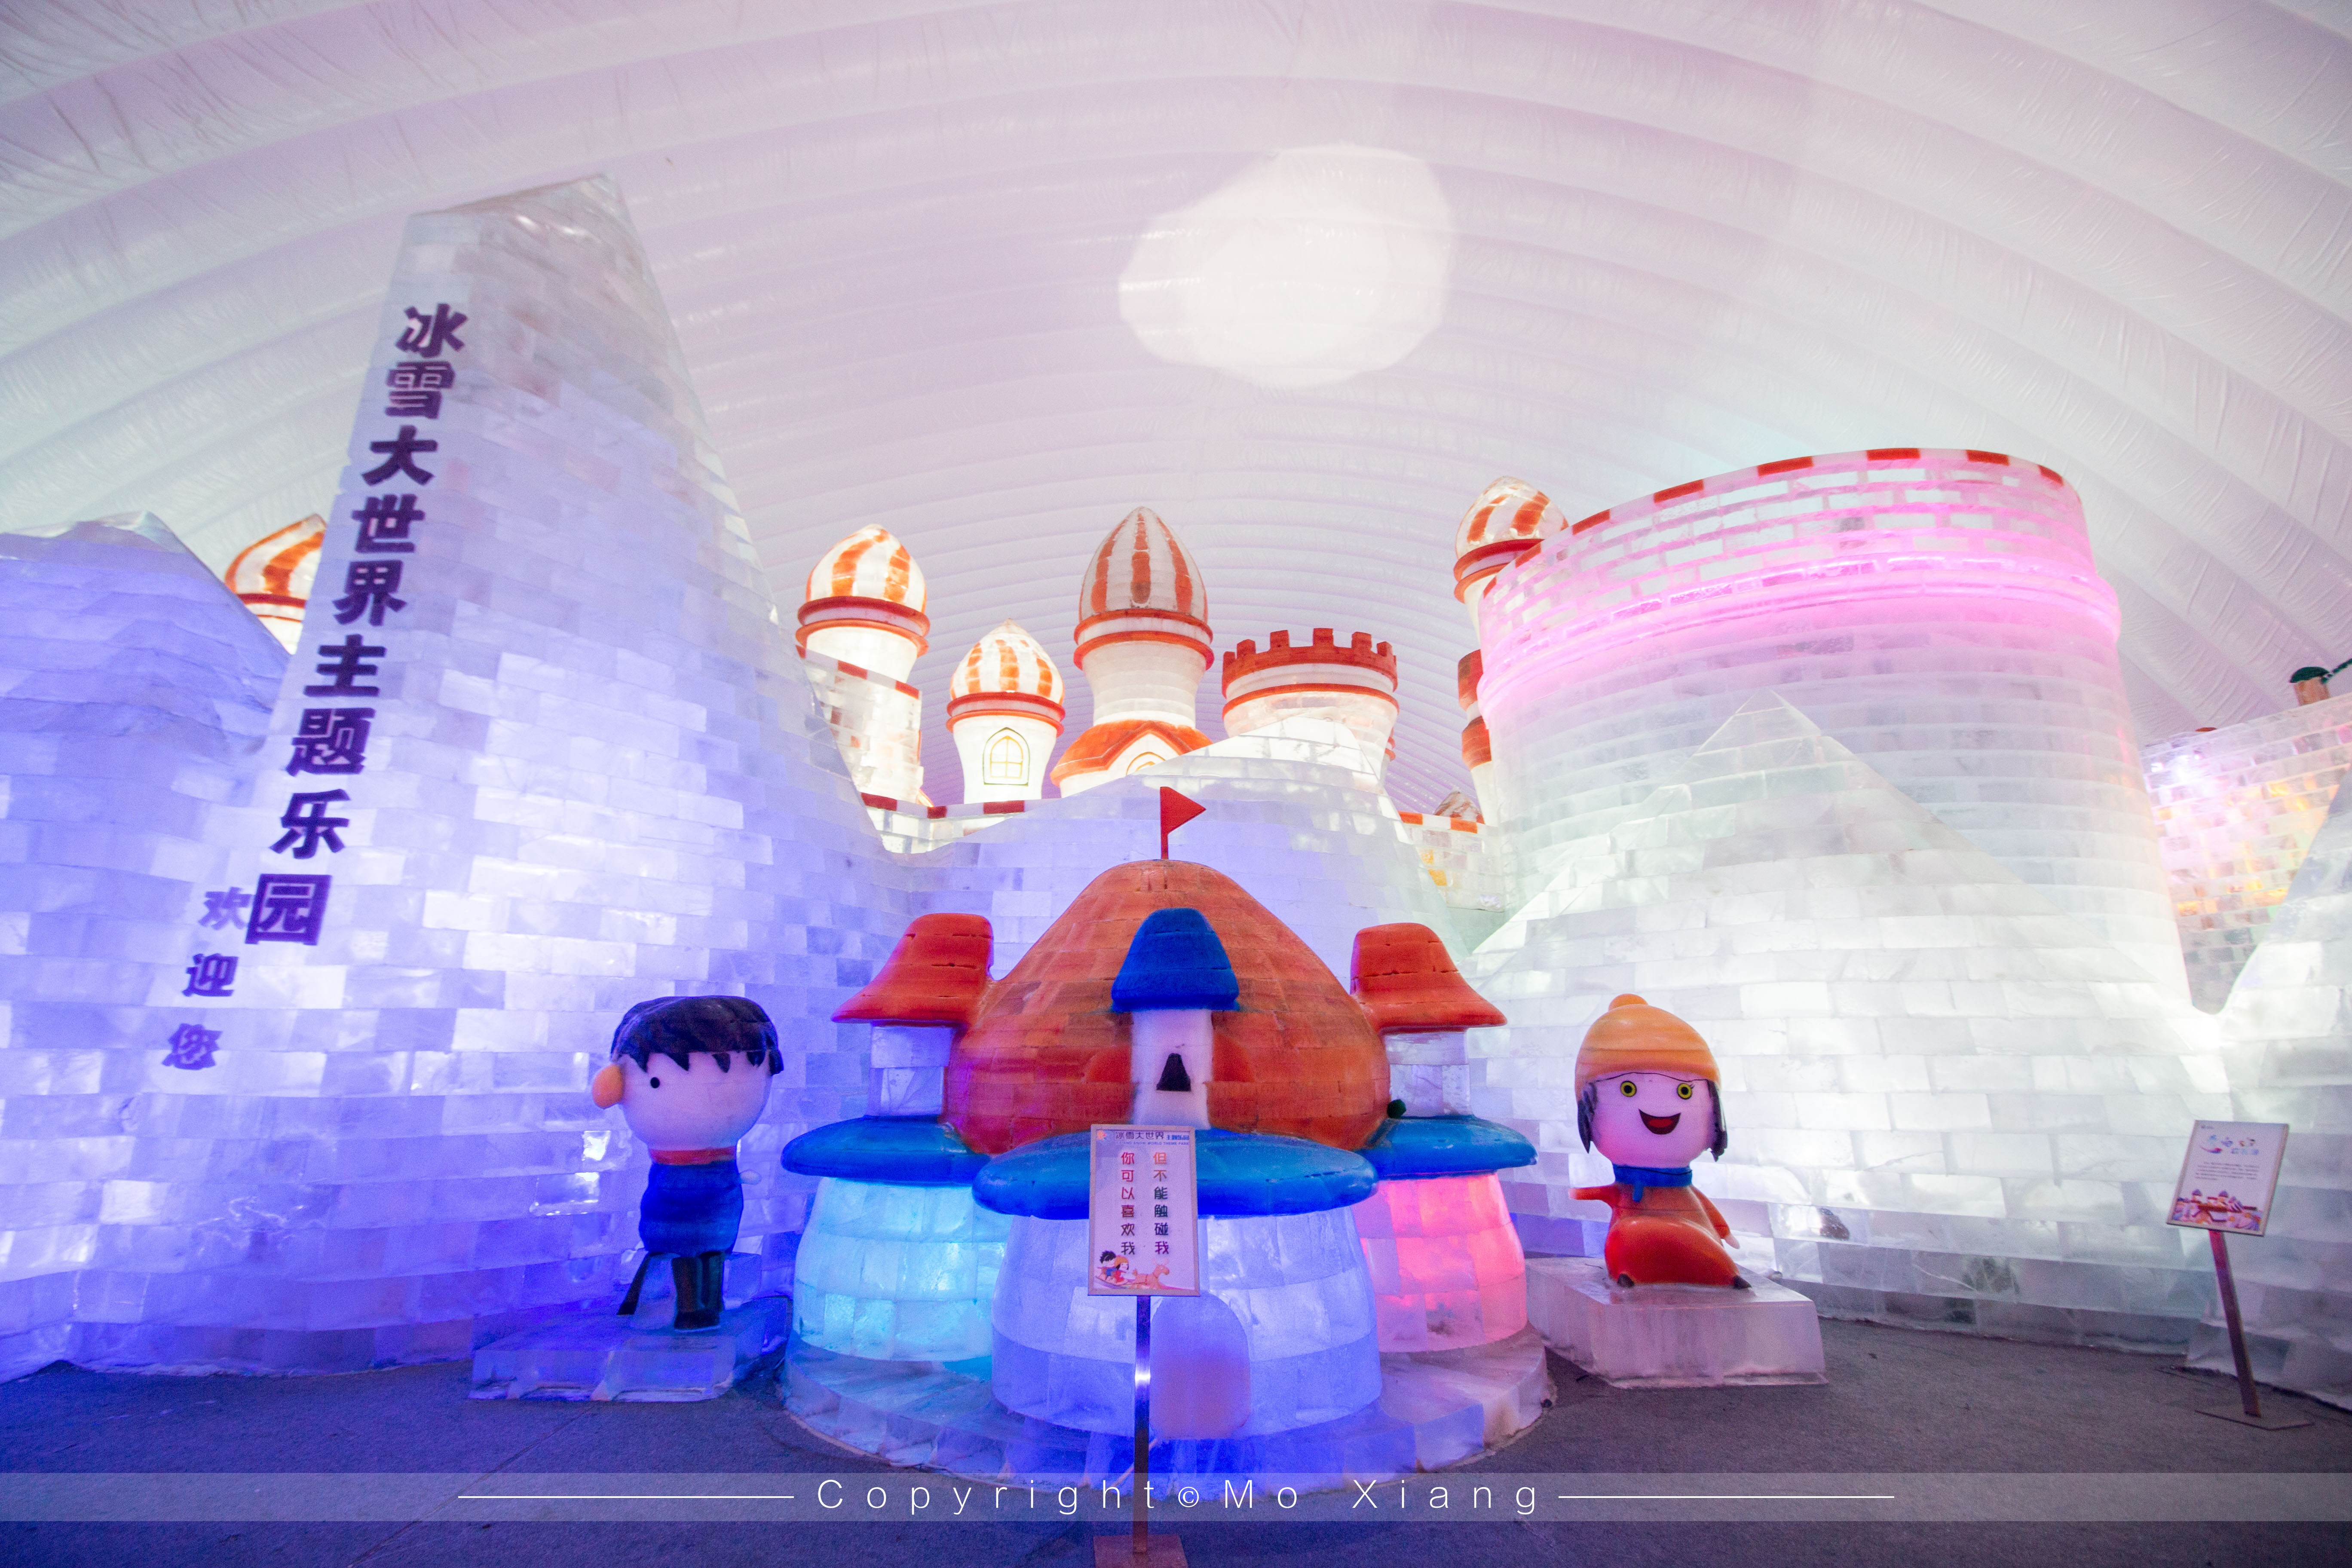 当地特意修建了一座冰雪大世界的室内馆,这给予了那些带着遗憾临走前图片